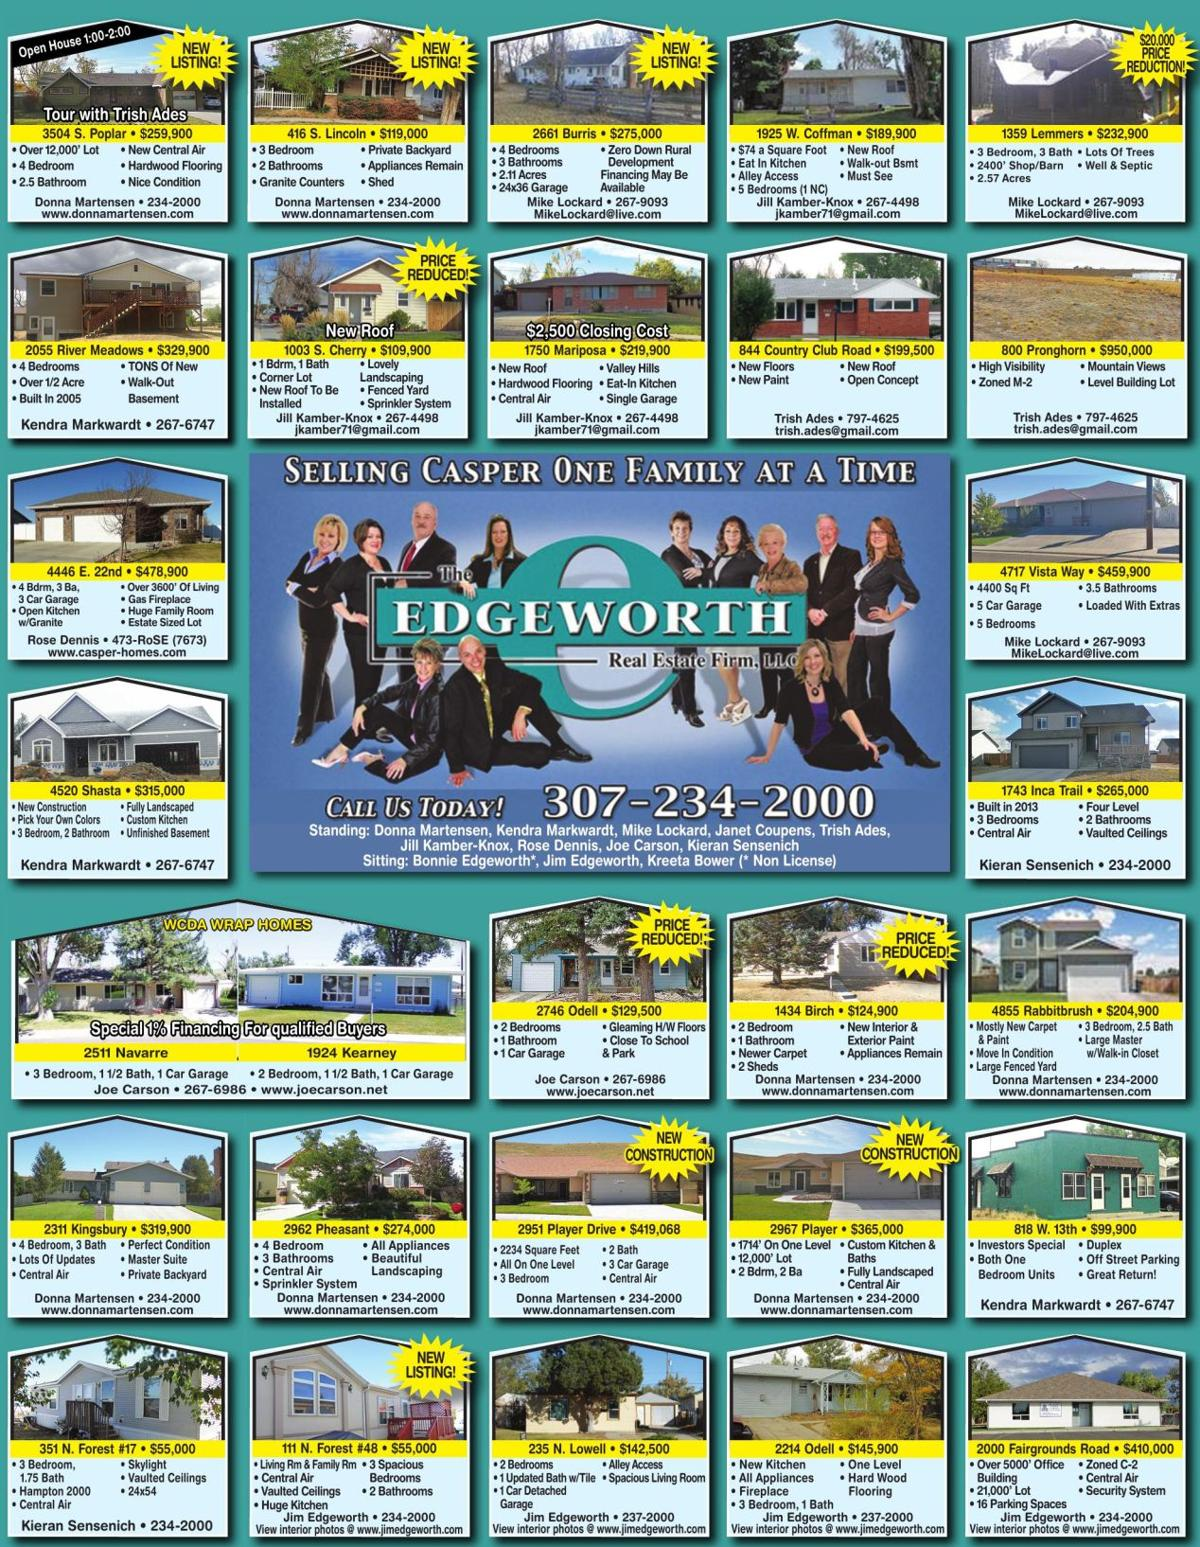 Edgeworth Real Estate